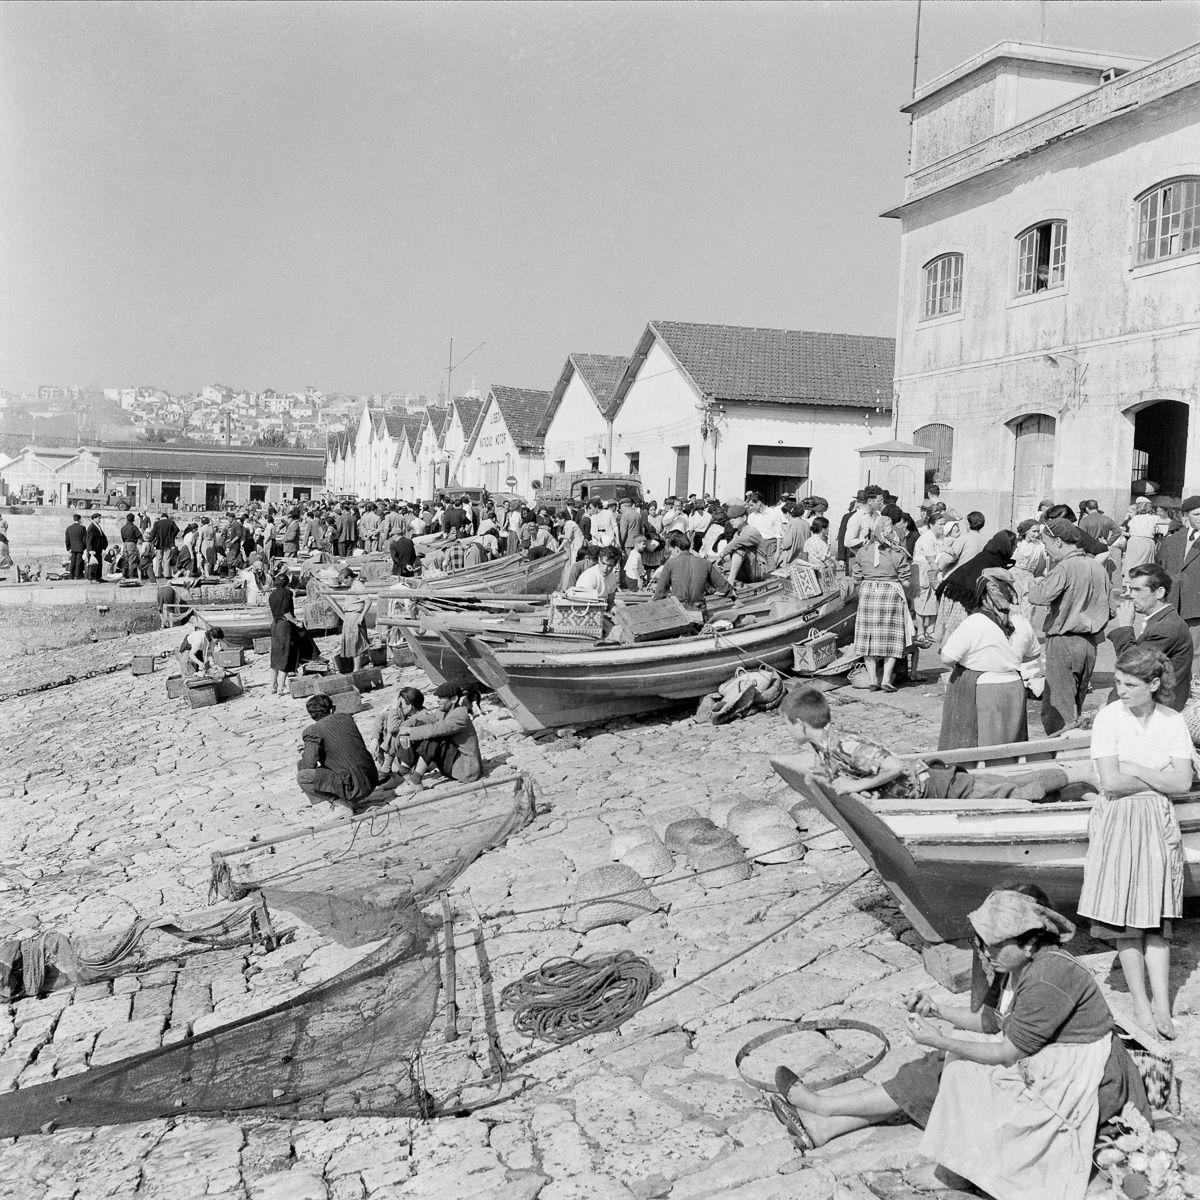 Fotografias deslumbrantes capturam a cultura da pesca dos anos 50 em Portugal 08